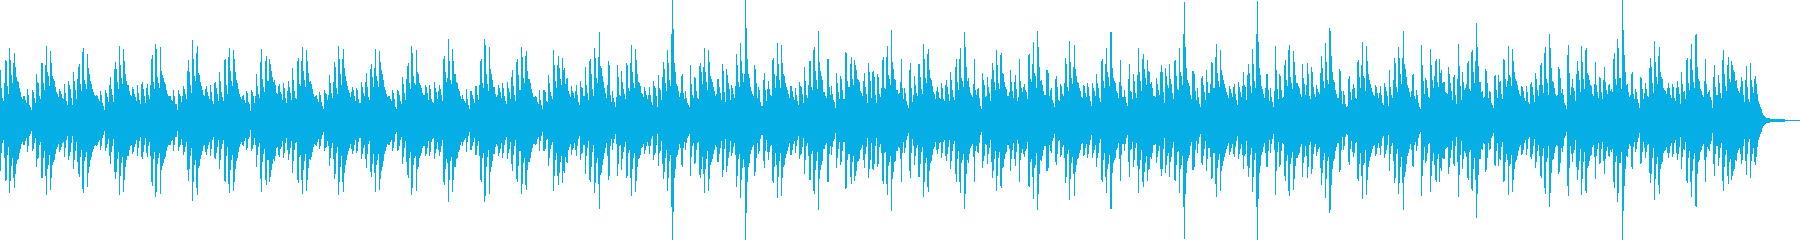 ヒーリング・ハープ・リラックスの再生済みの波形